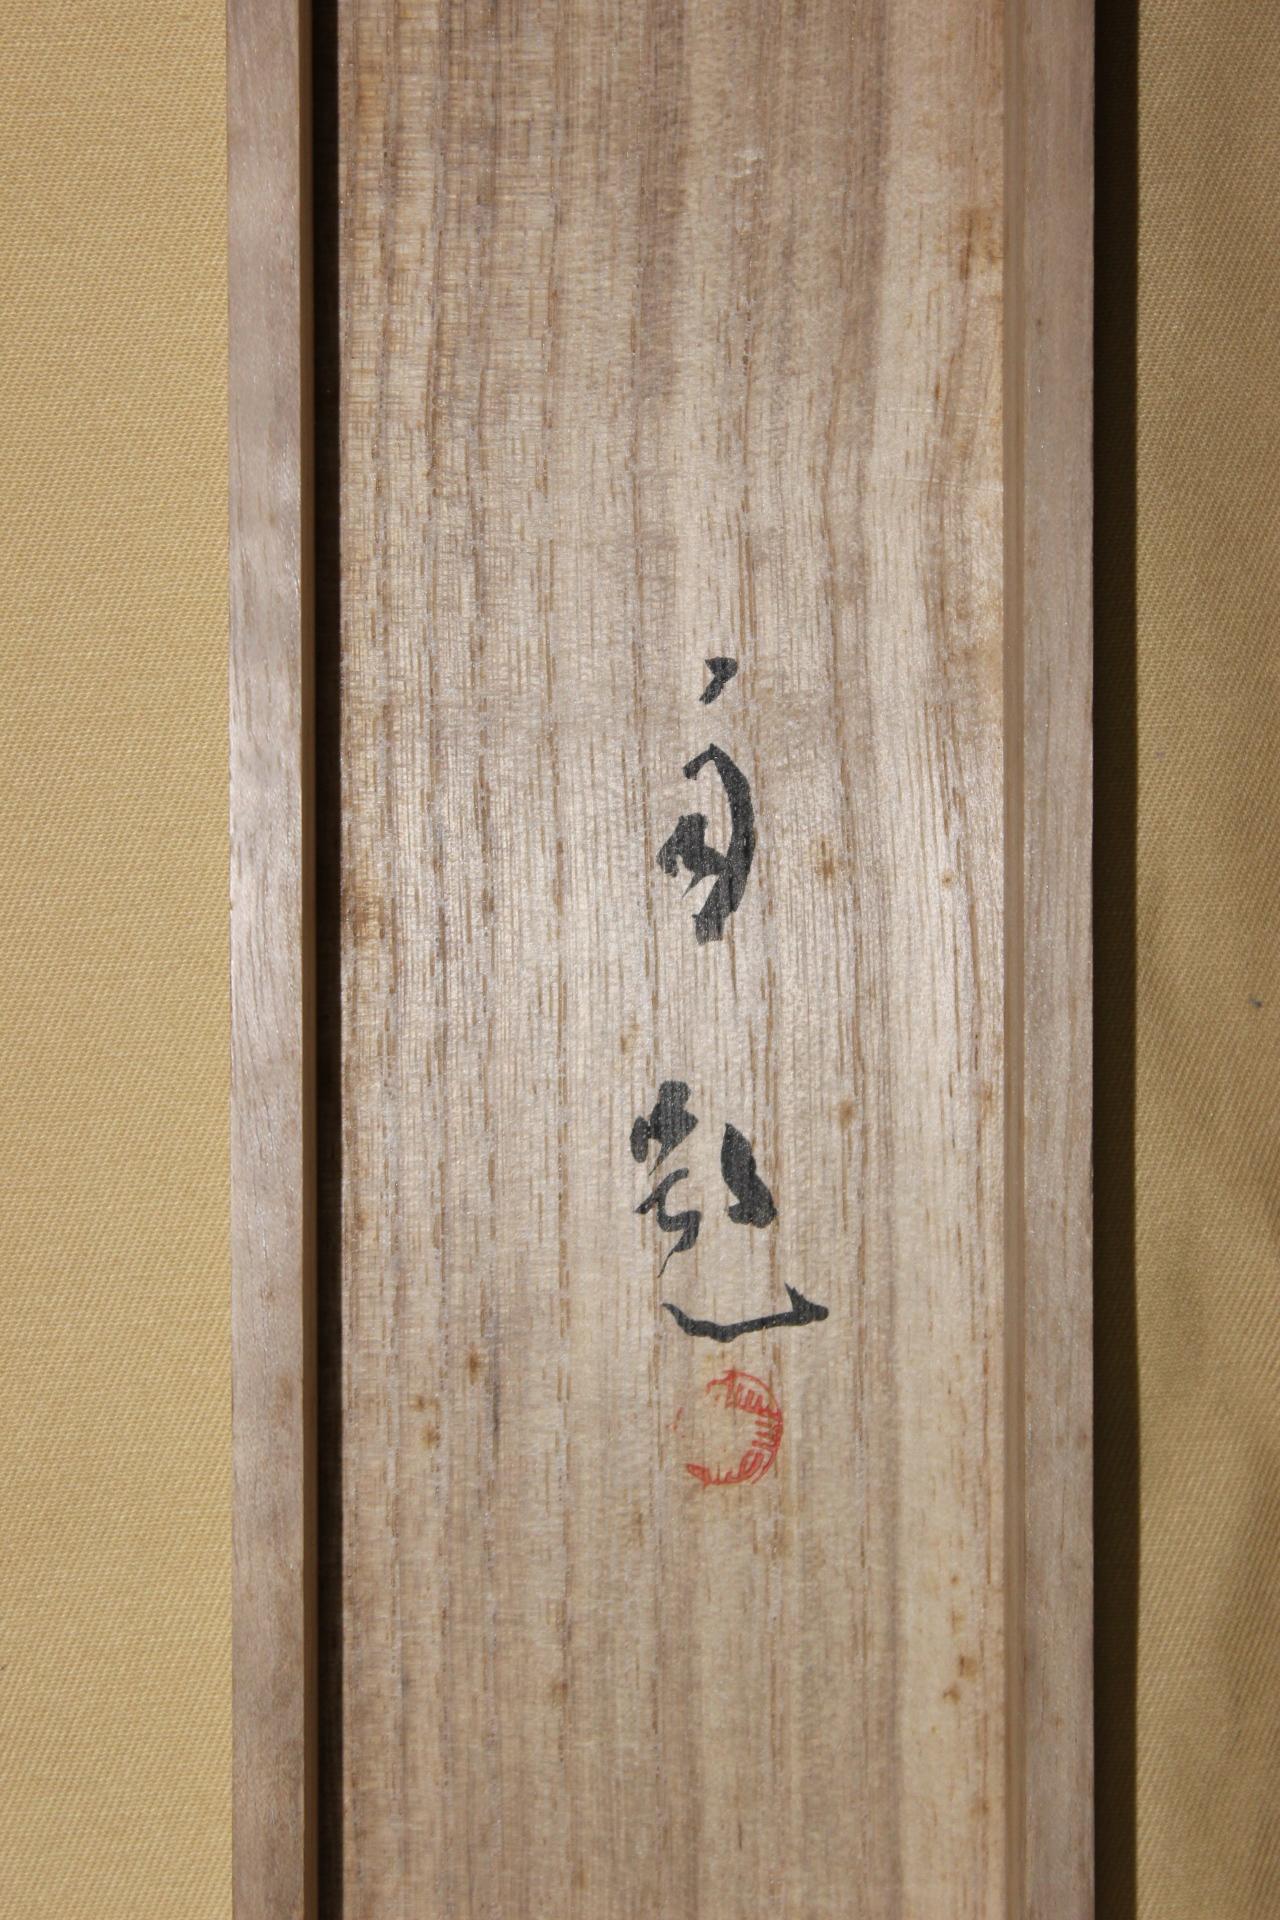 松林桂月の画像 p1_31